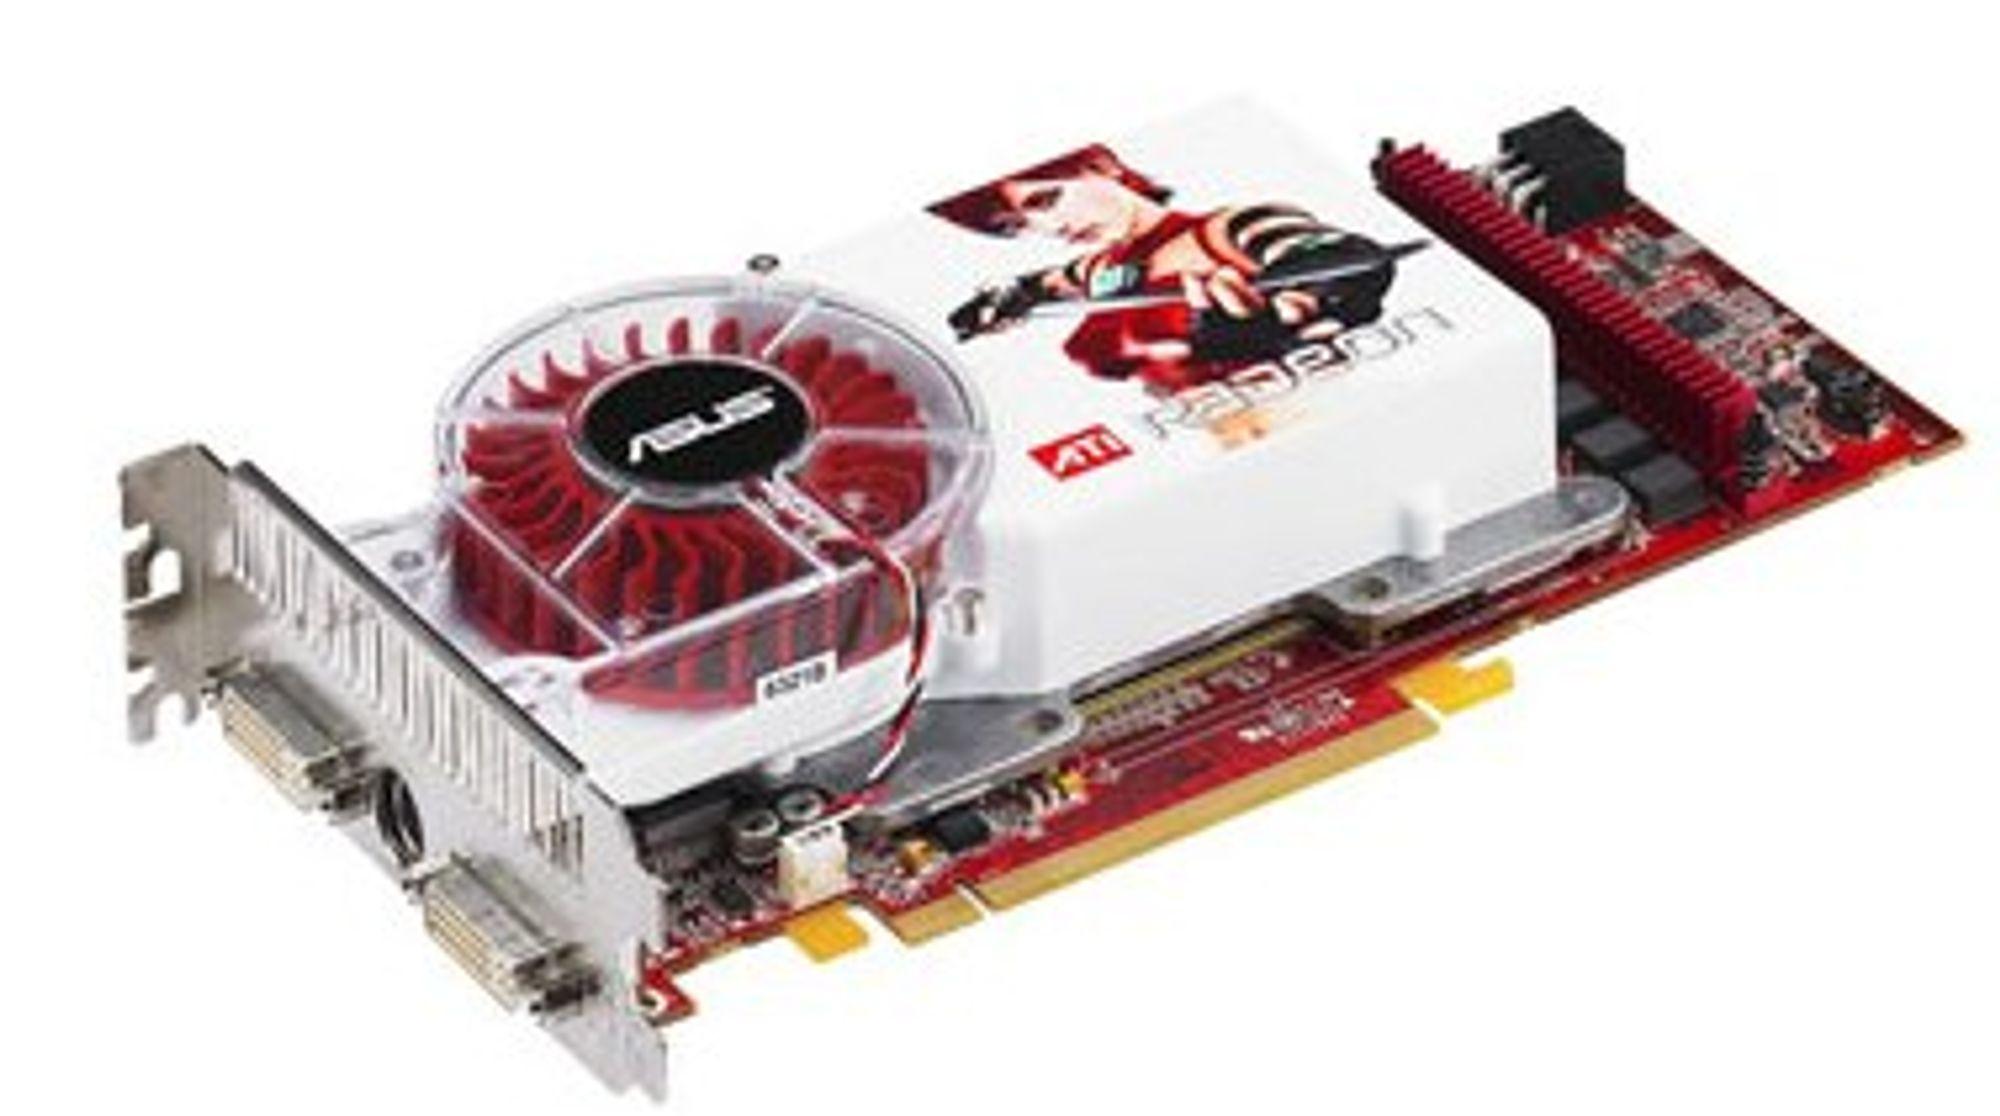 Radeon 1950XT vil ikke lenger motta driveroppdateringer etter Catalyst 9.3